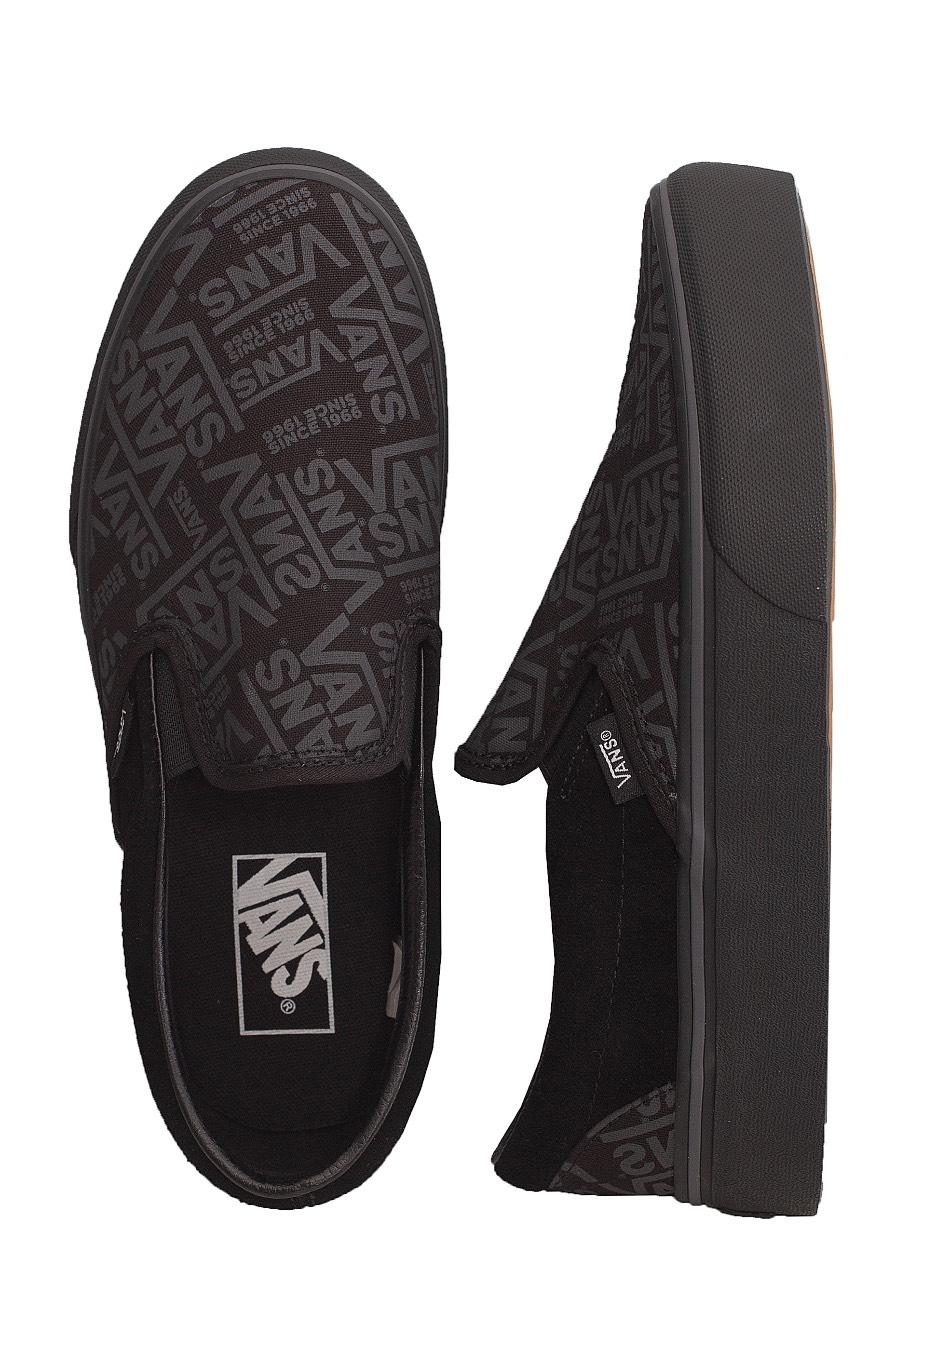 Vans Classic Slip On P Vans 66 Black Shoes Impericon Com Worldwide